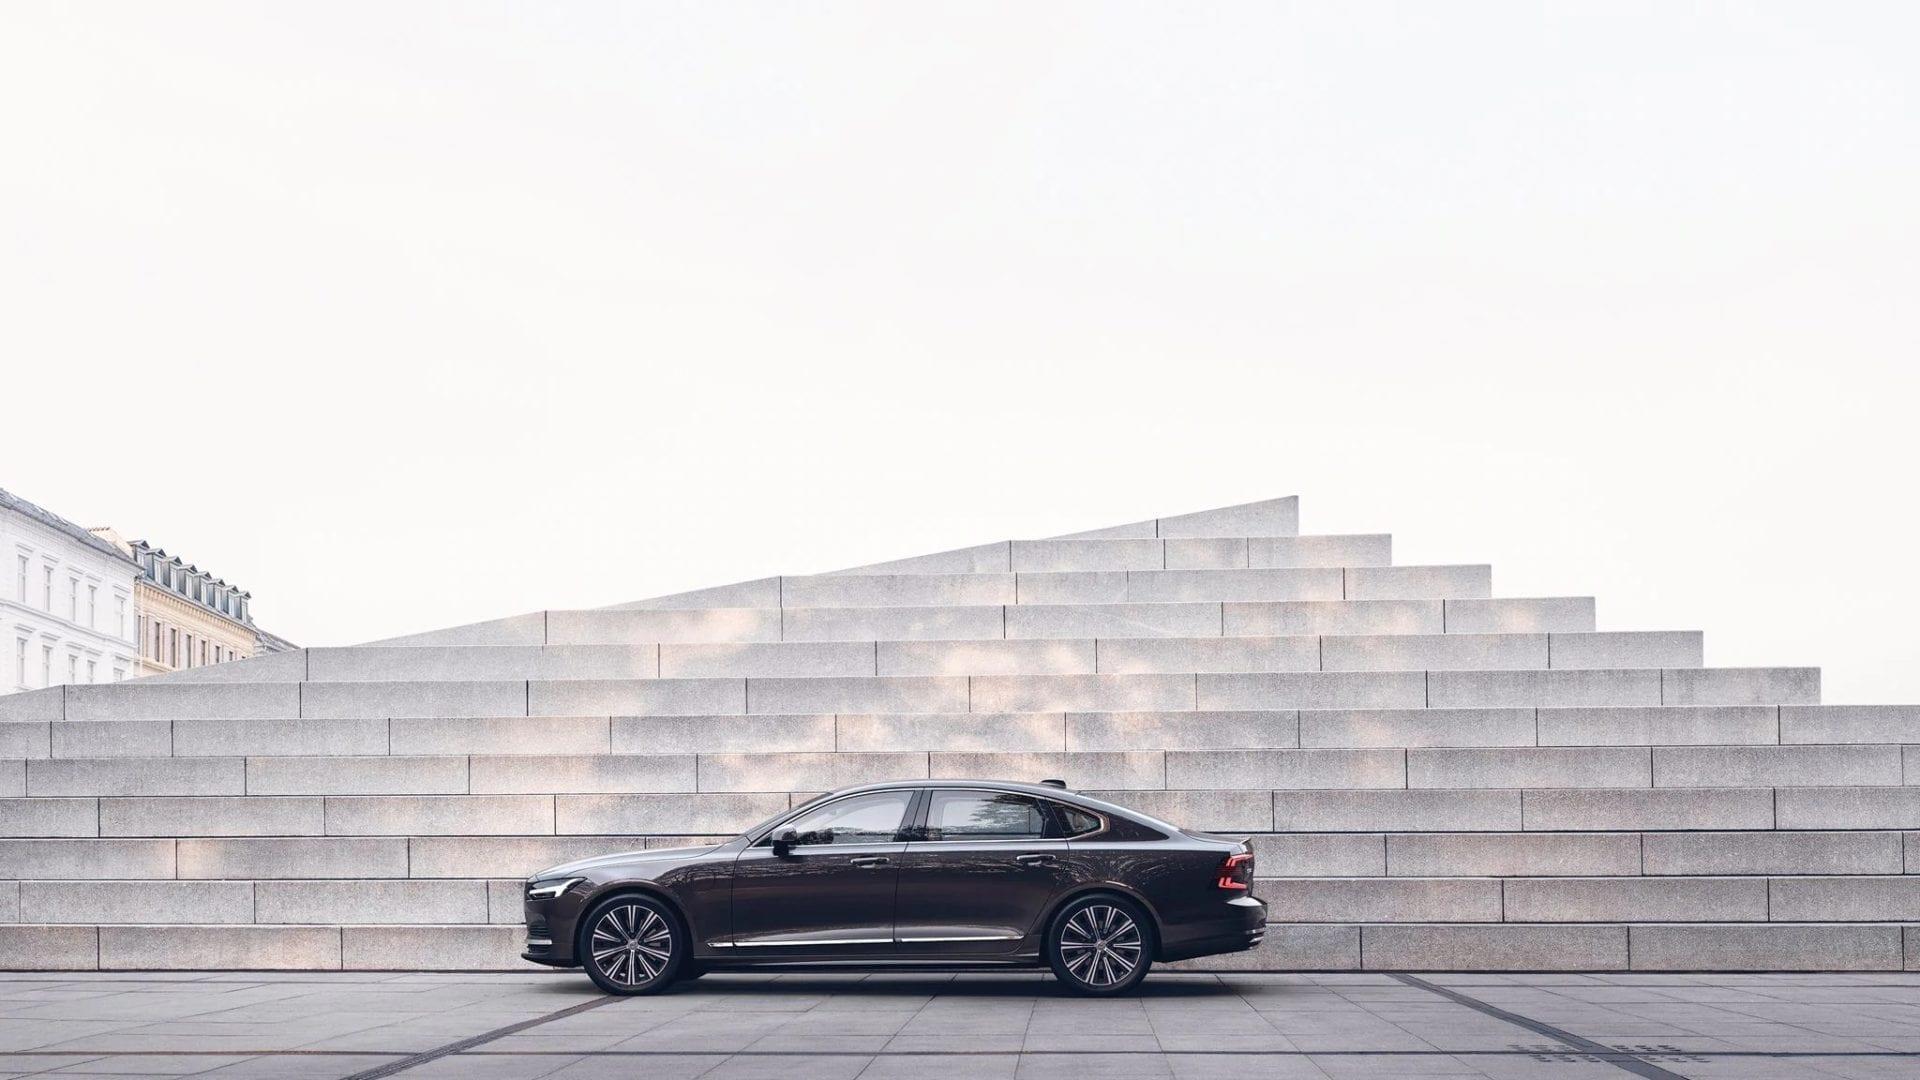 Оновлений Volvo S90. Очікуйте більшого!